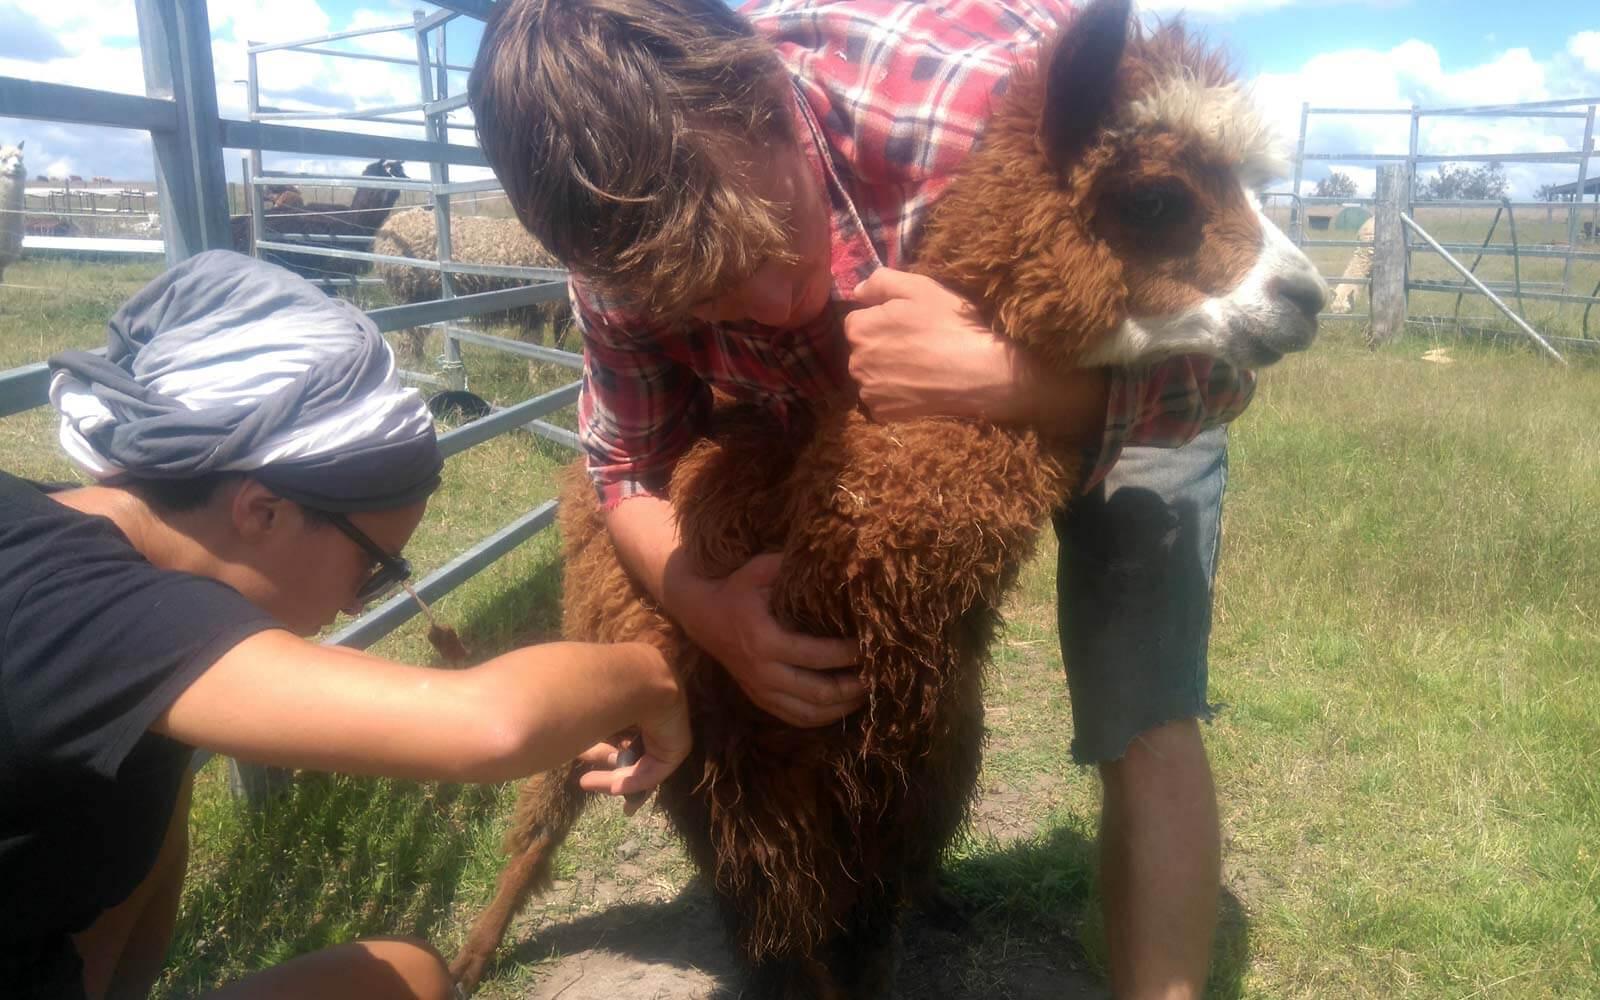 Justin bei der Farmarbeit in Australien